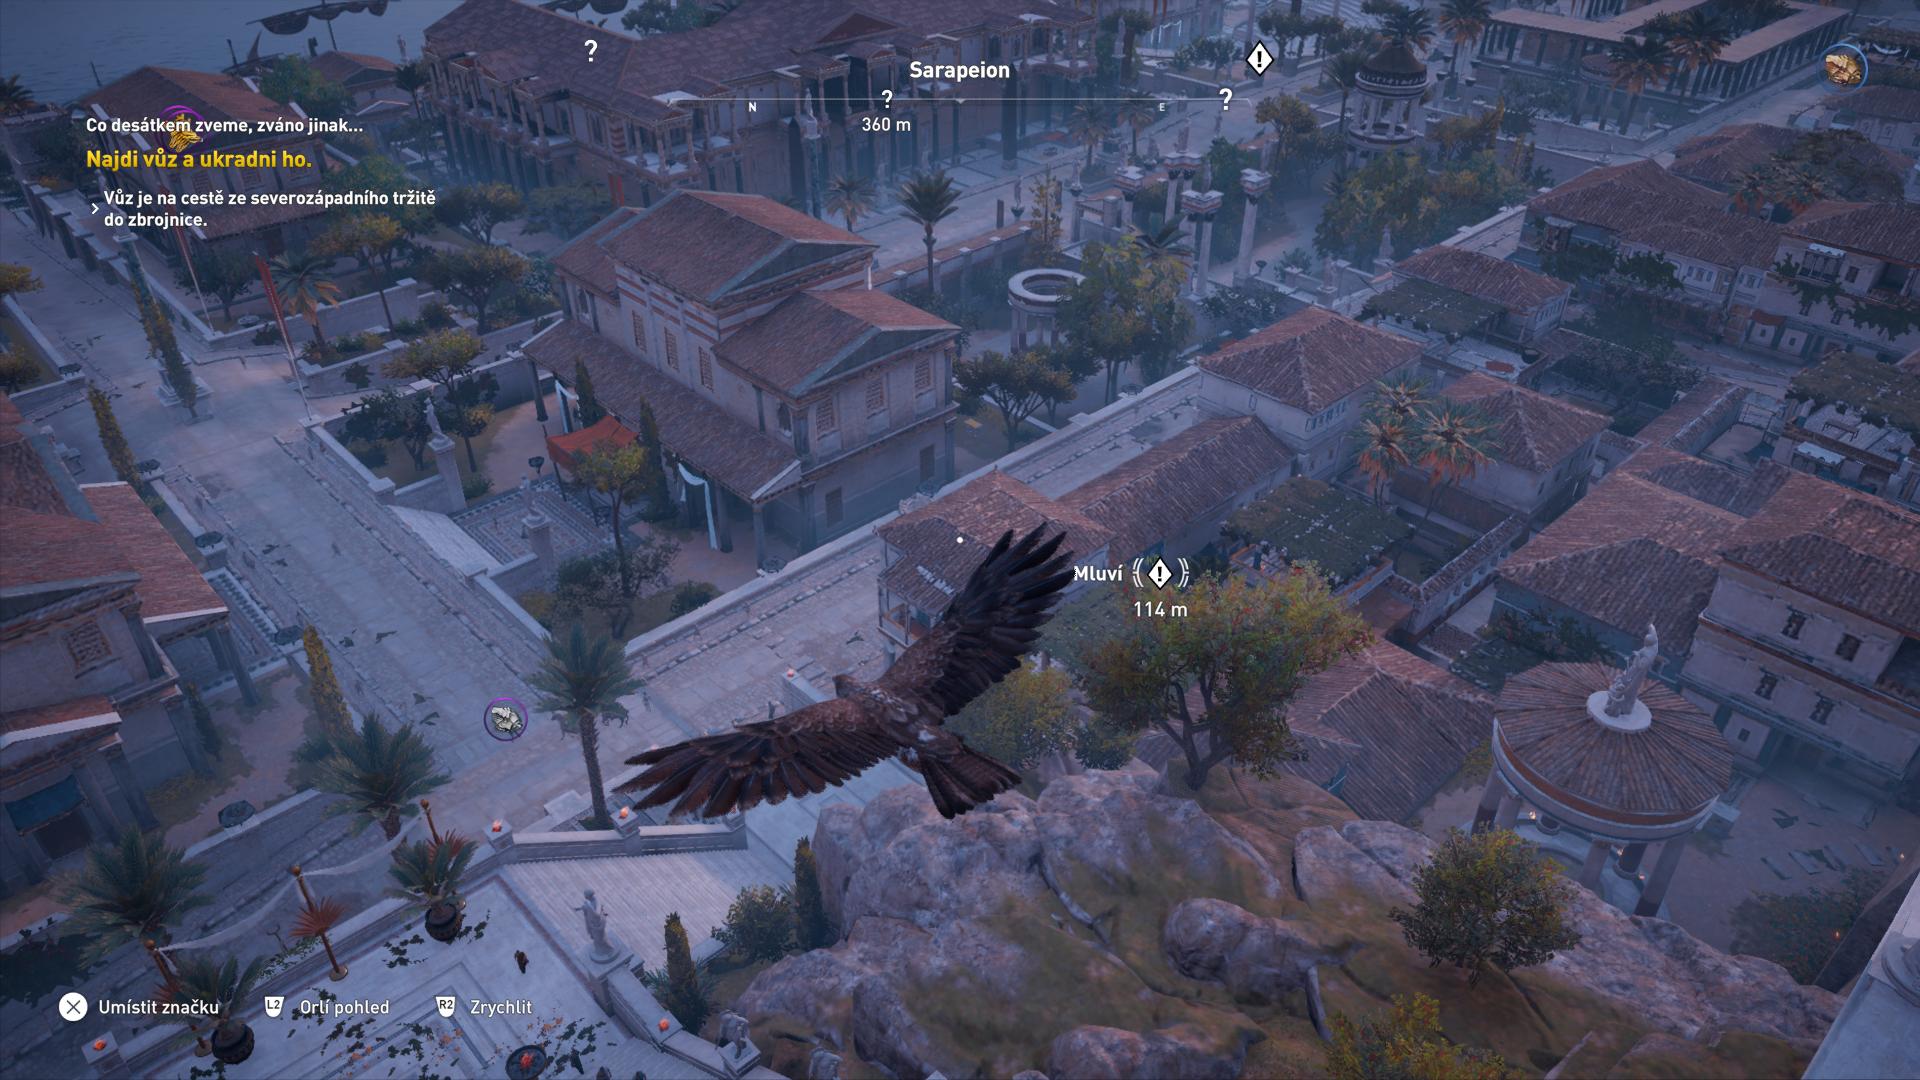 Assassin's Creed: Origins - skok důvěry správným směrem 152068